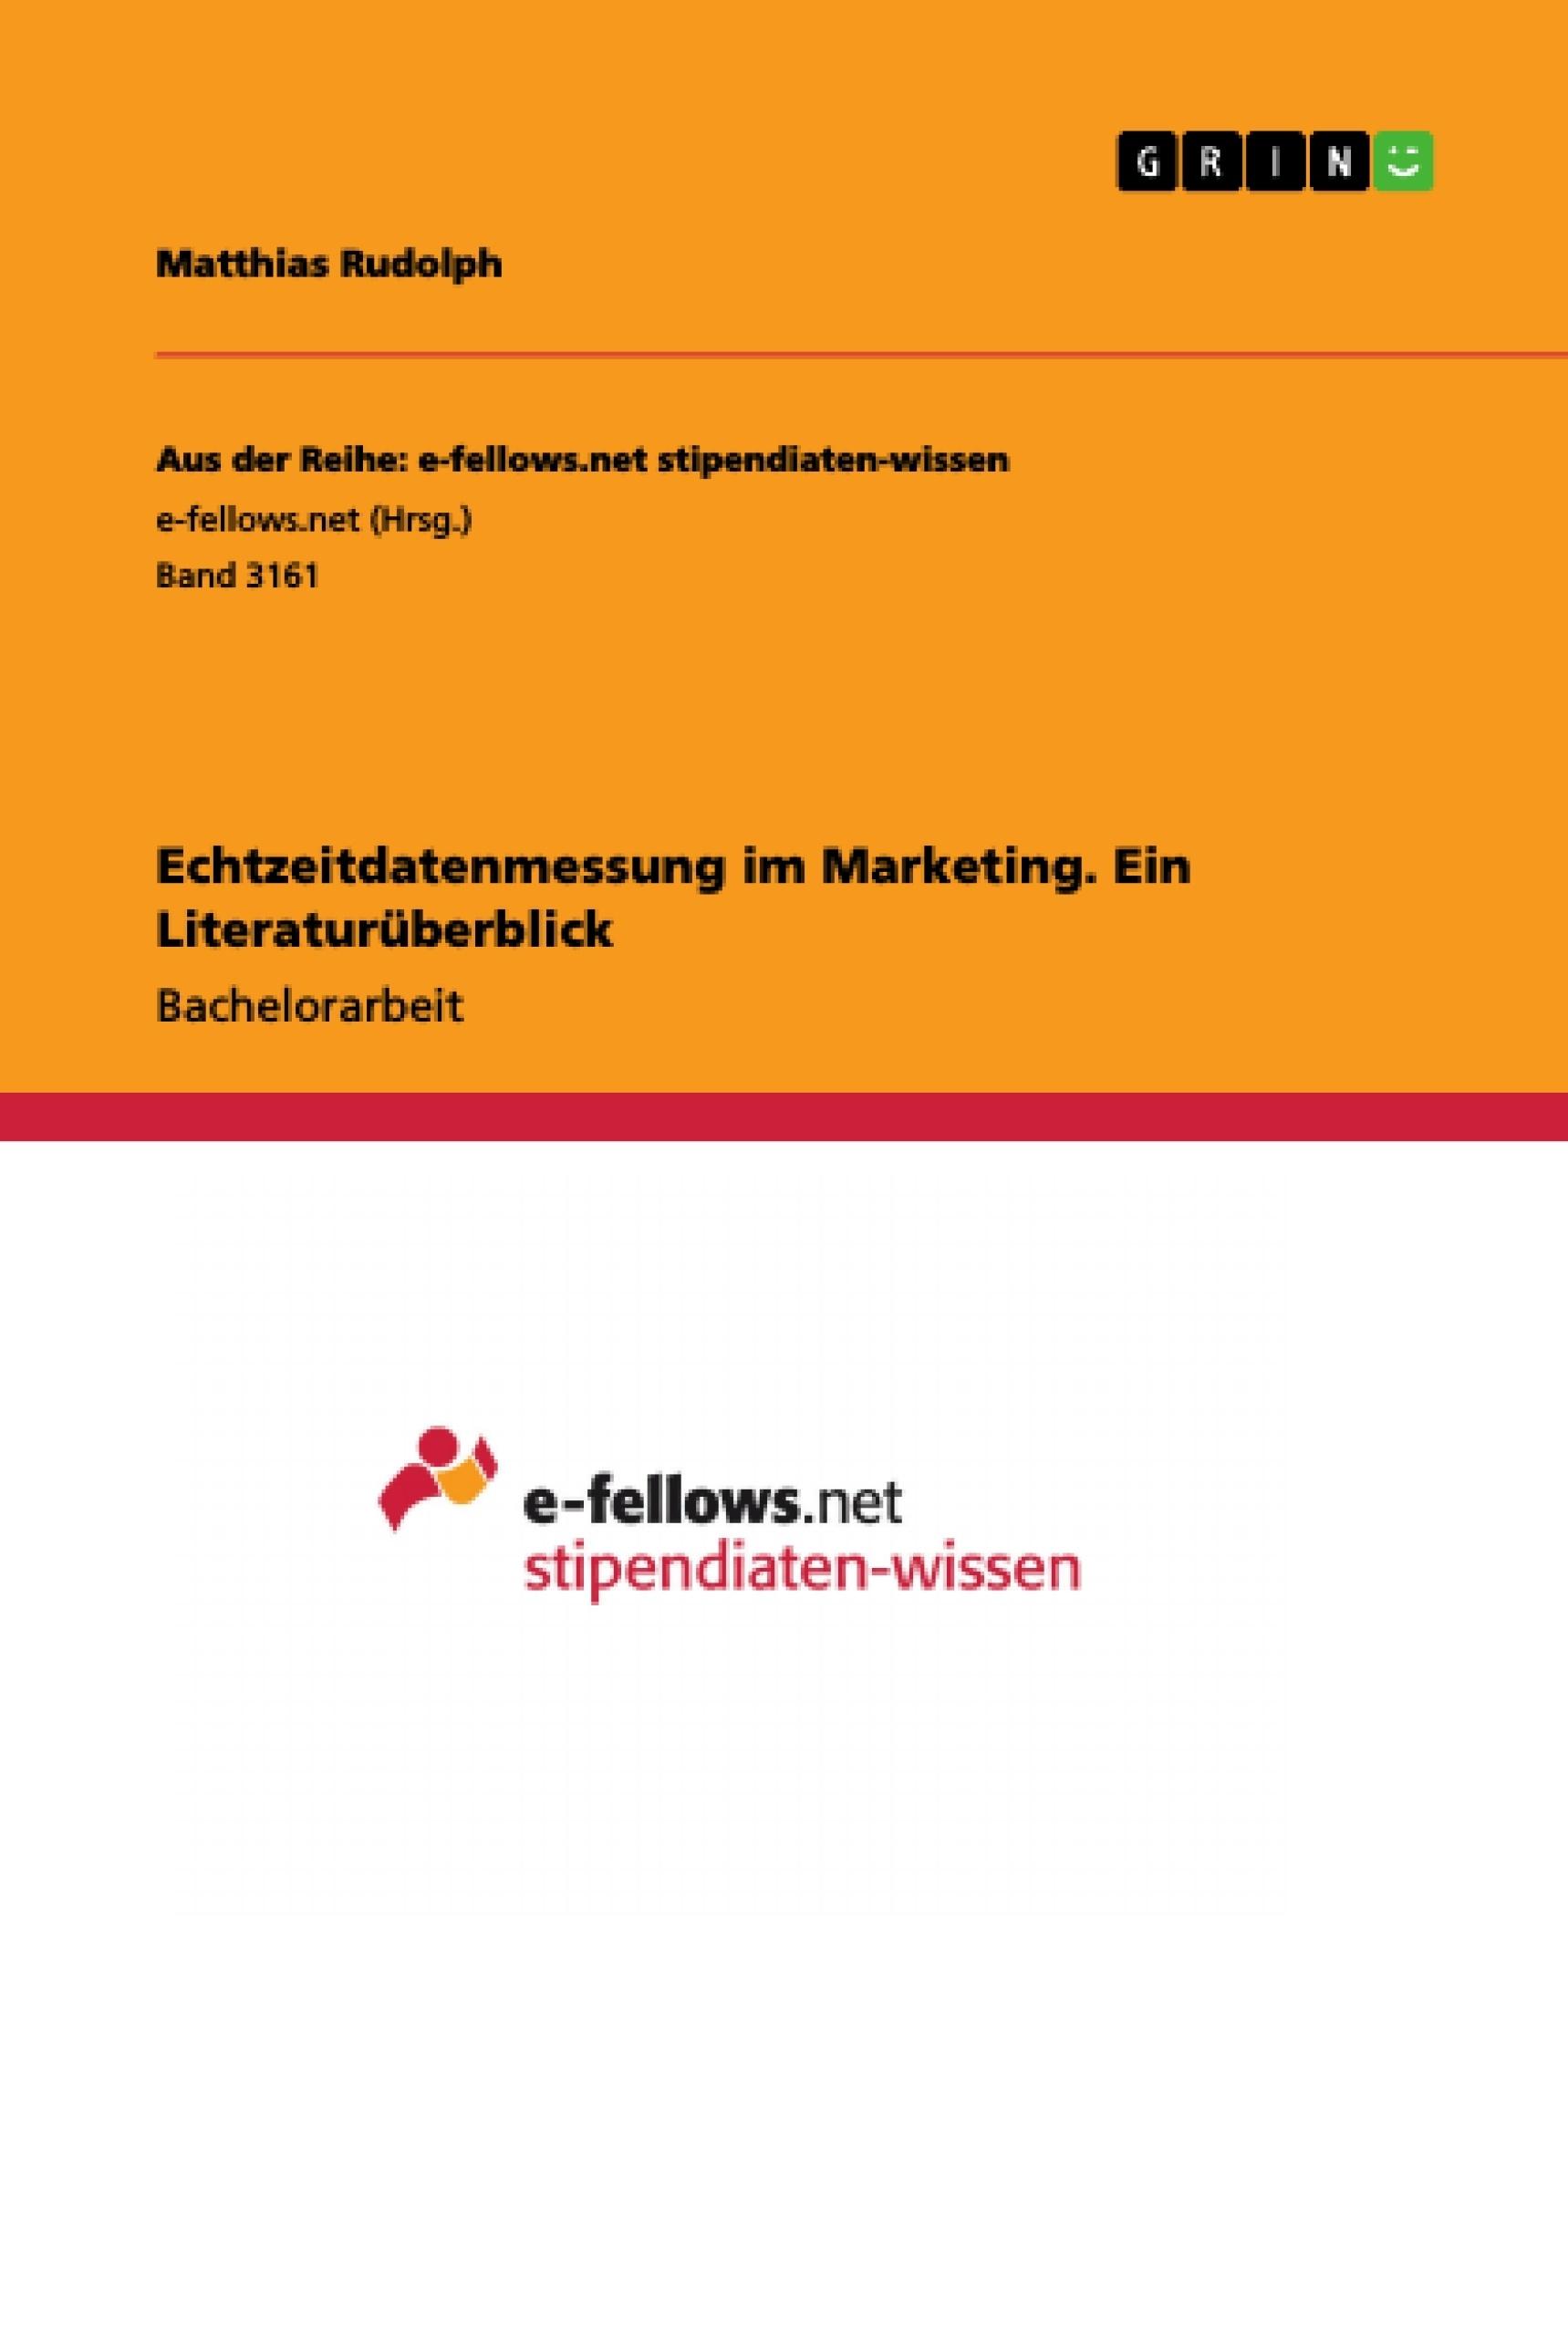 Titel: Echtzeitdatenmessung im Marketing. Ein Literaturüberblick